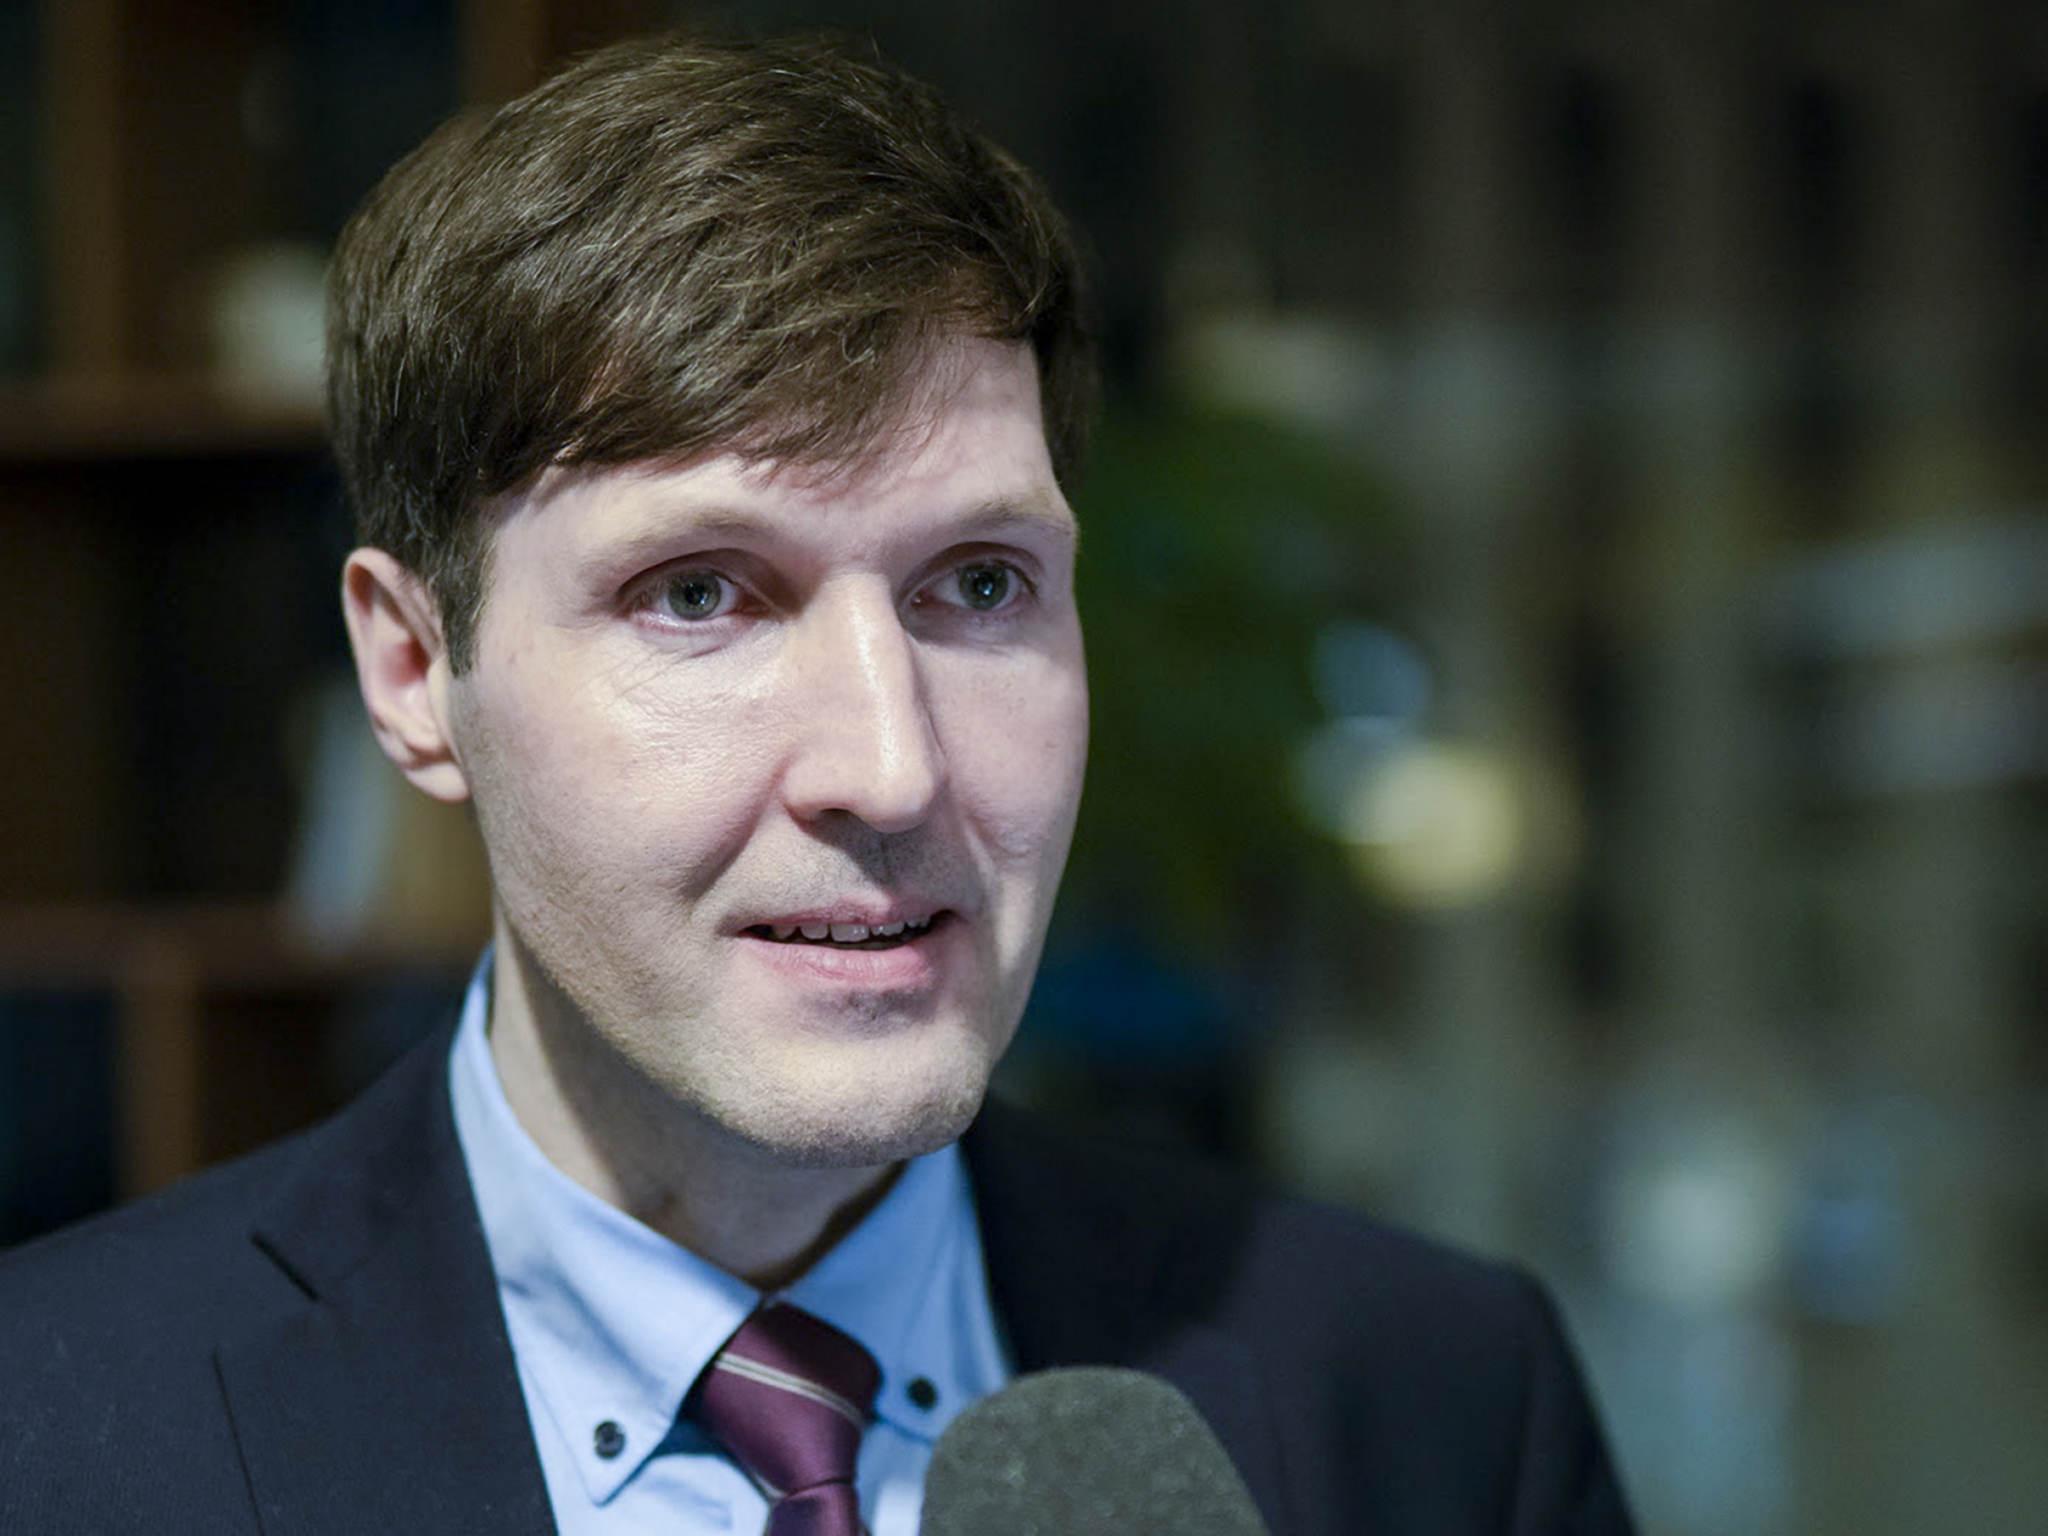 Martin Helme: Reformierakonna koordineeritud laimukampaania kahjustab Eesti rahvusvahelist julgeolekut